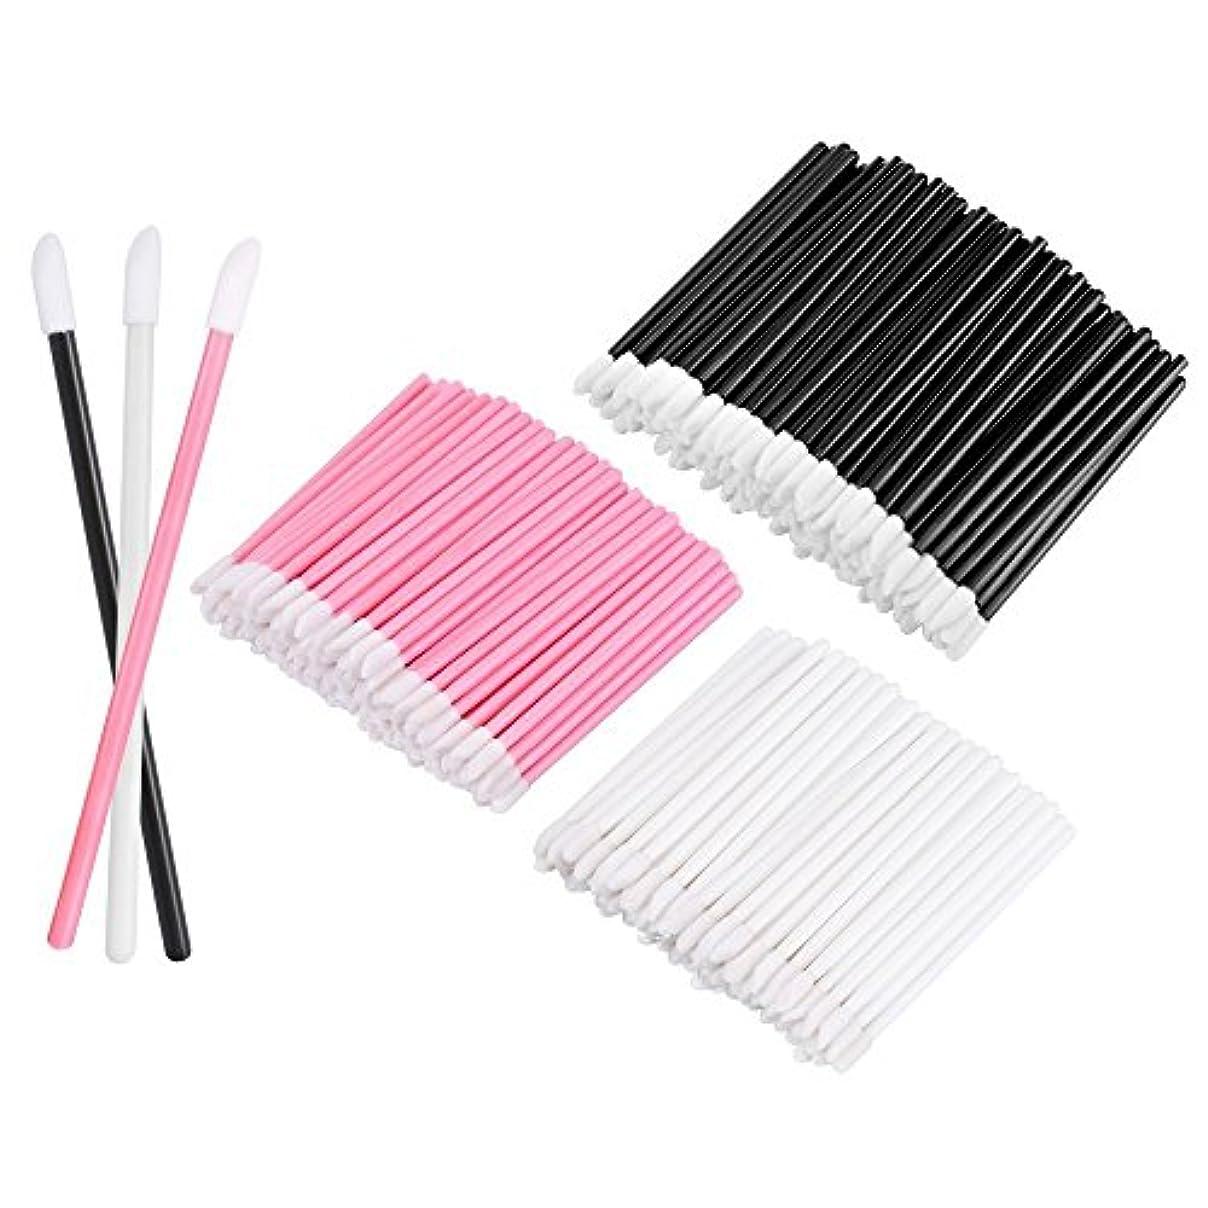 抹消第二に関税KEDSUM リップブラシ 使い捨て 300本入り メイクブラシ 化粧用品 化粧筆 化粧ブラシ 携帯用 便利 (3色)